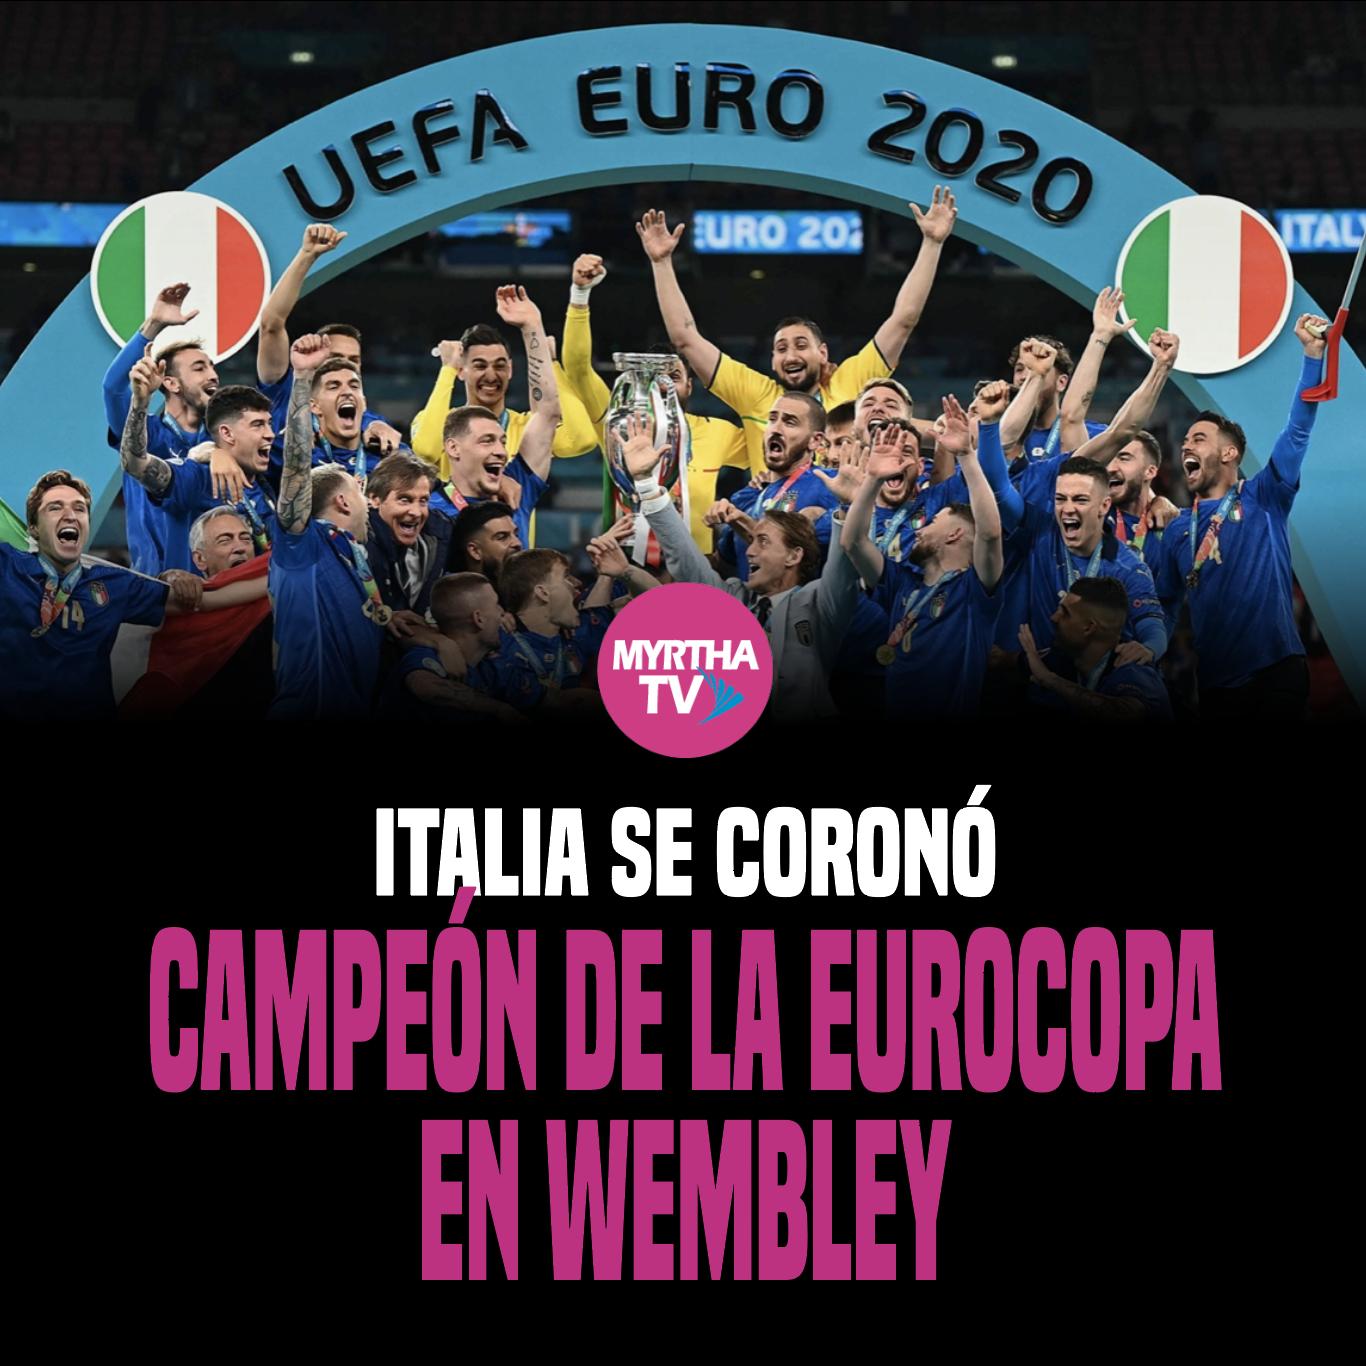 ITALIA SE CORONÓCAMPEÓN DE LA EUROCOPA  EN WEMBLEY